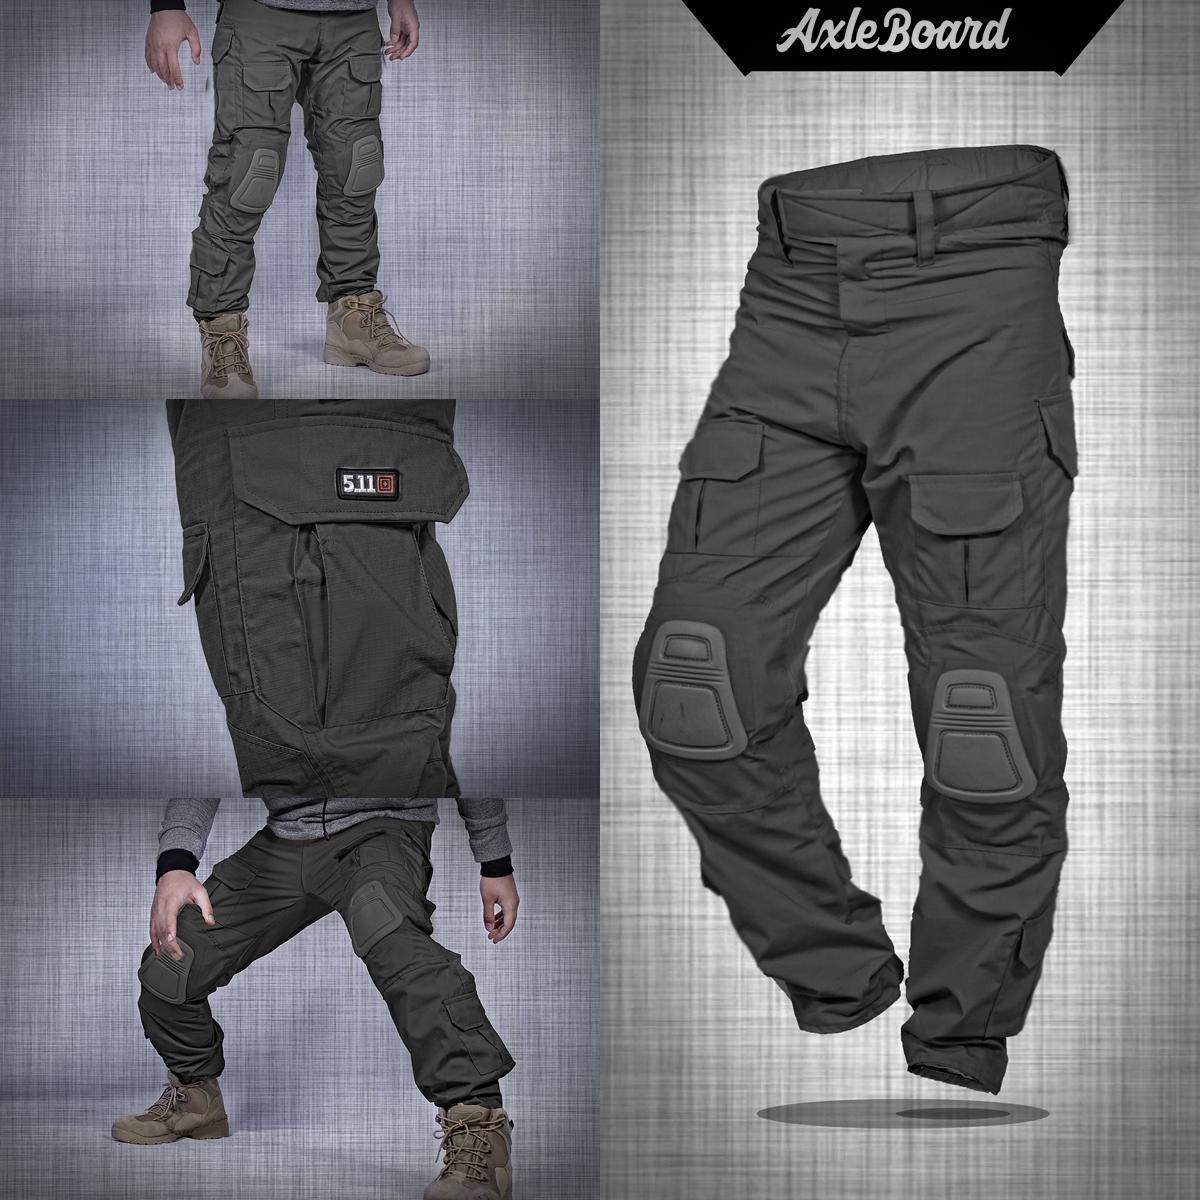 Celana panjang pria pdl army tactical 511 + knepad premium warna hitam axlestore